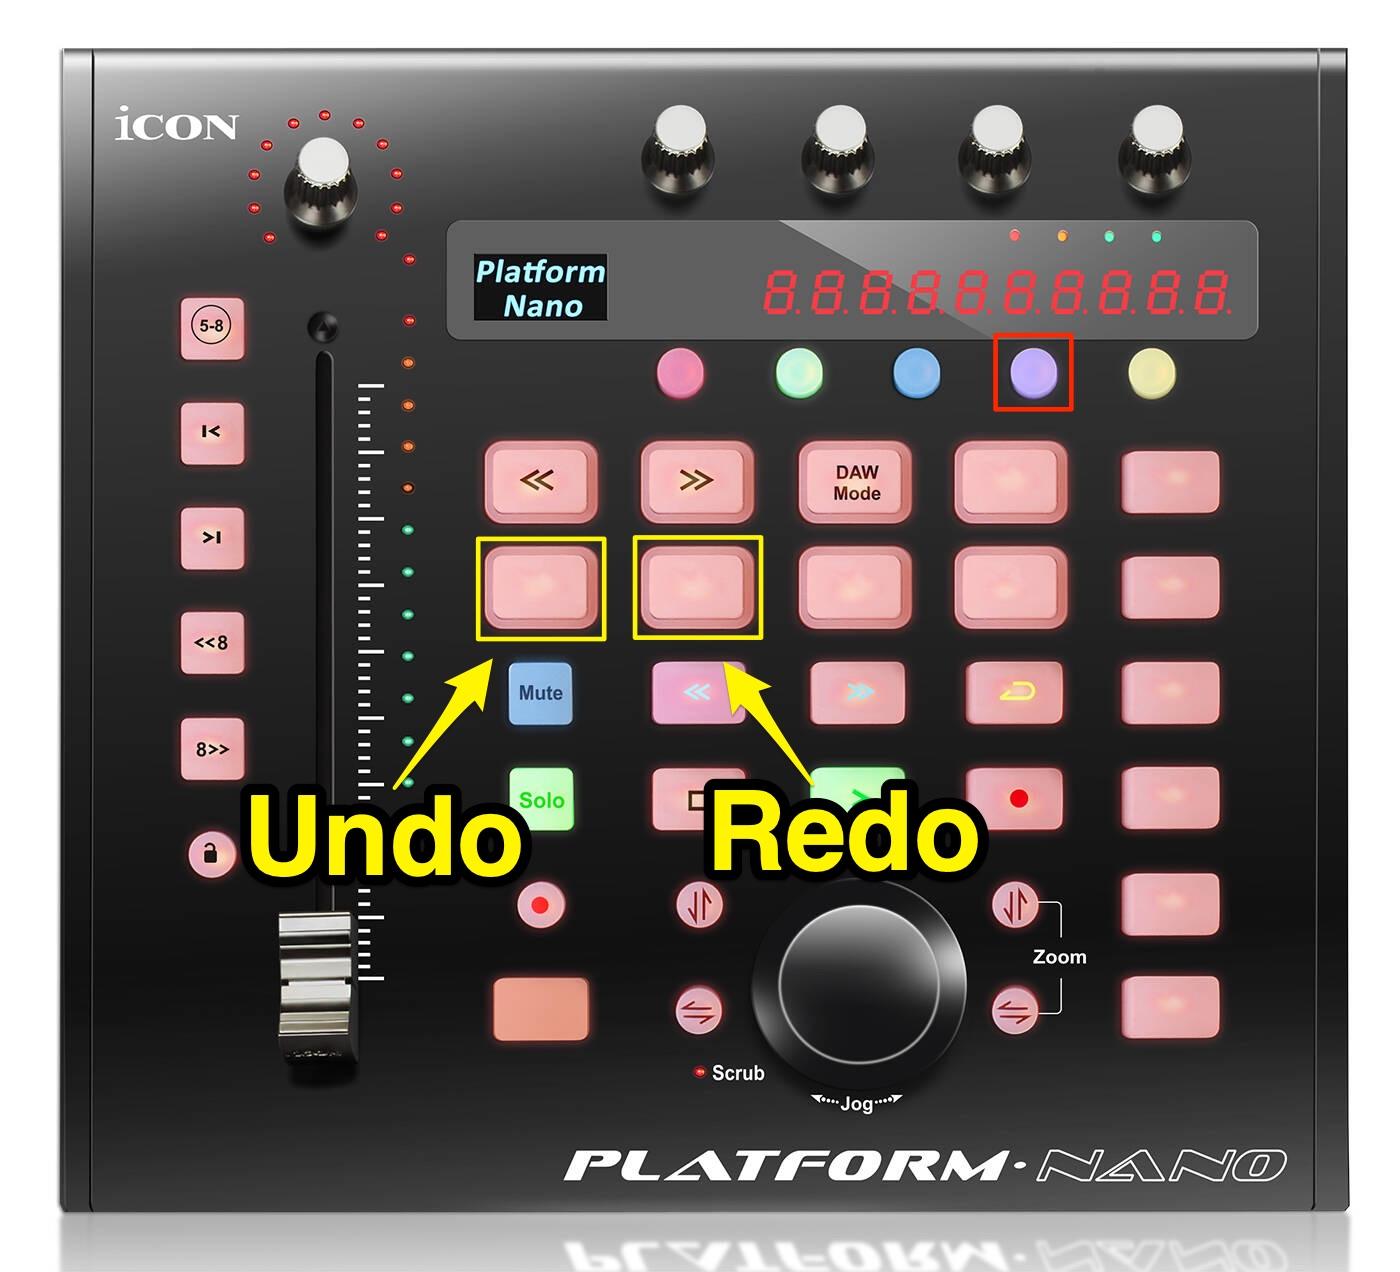 Platform_Nano_Undo_Redo